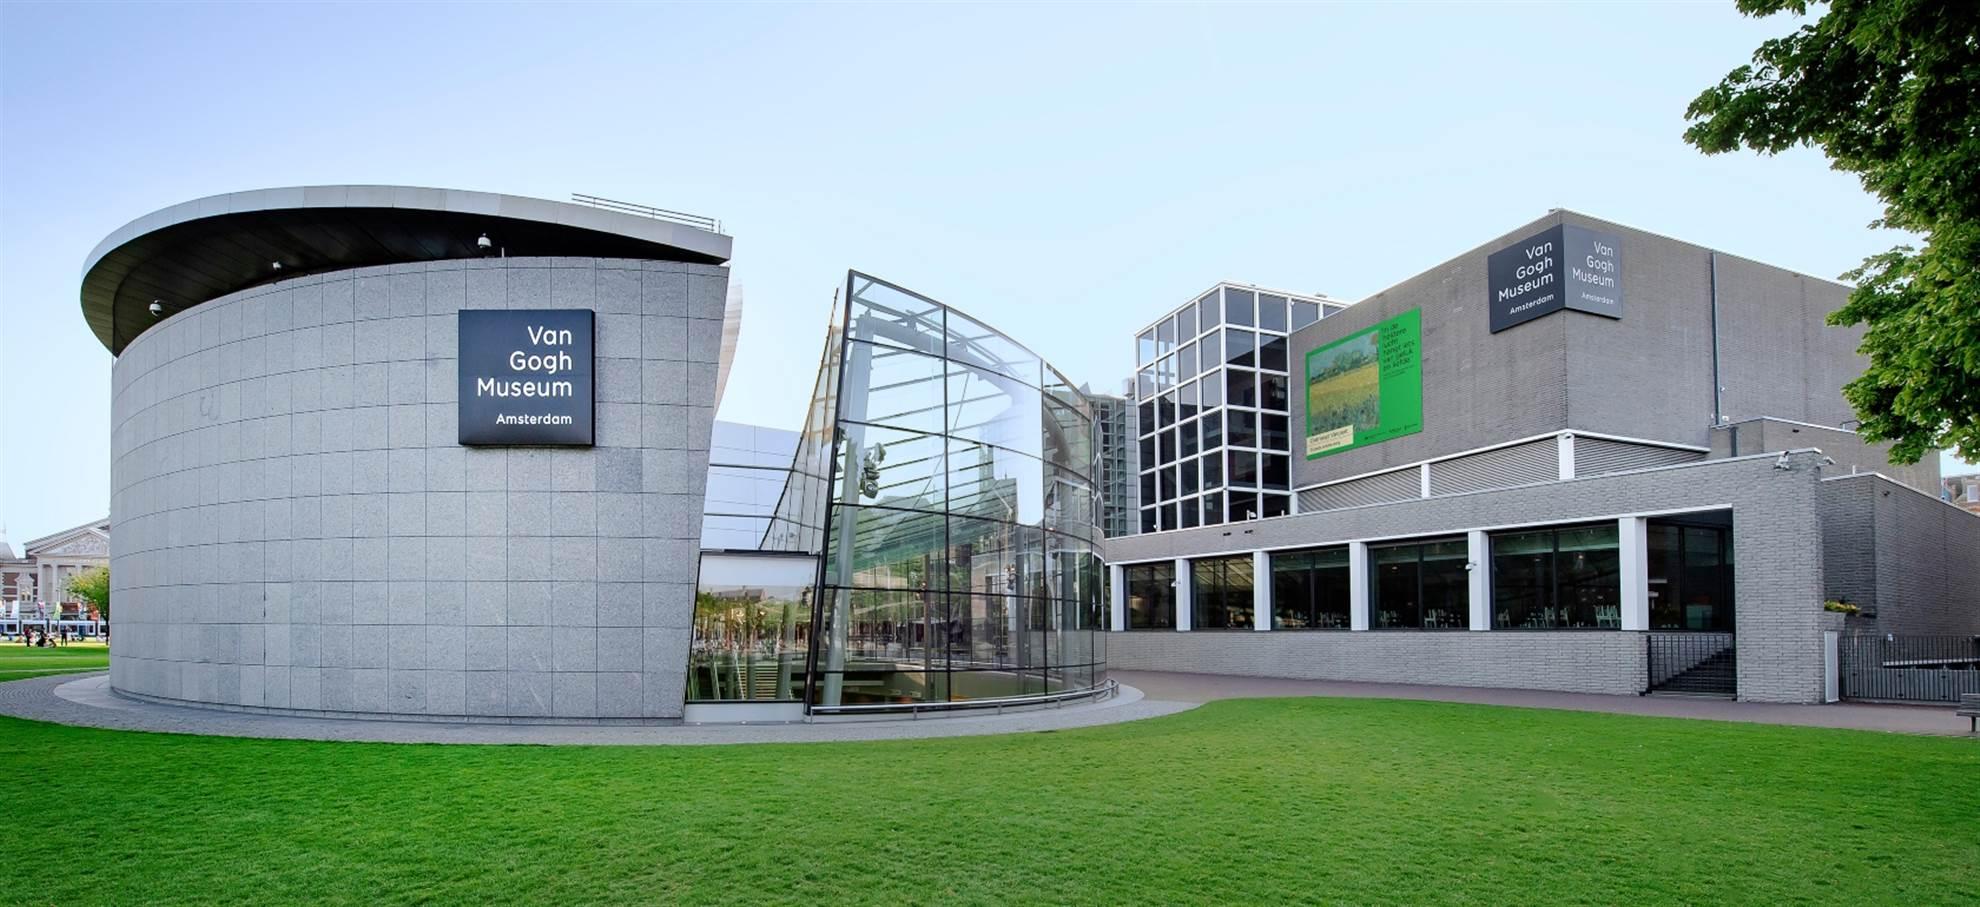 Van Gogh Museum + Deutscher Audioguide